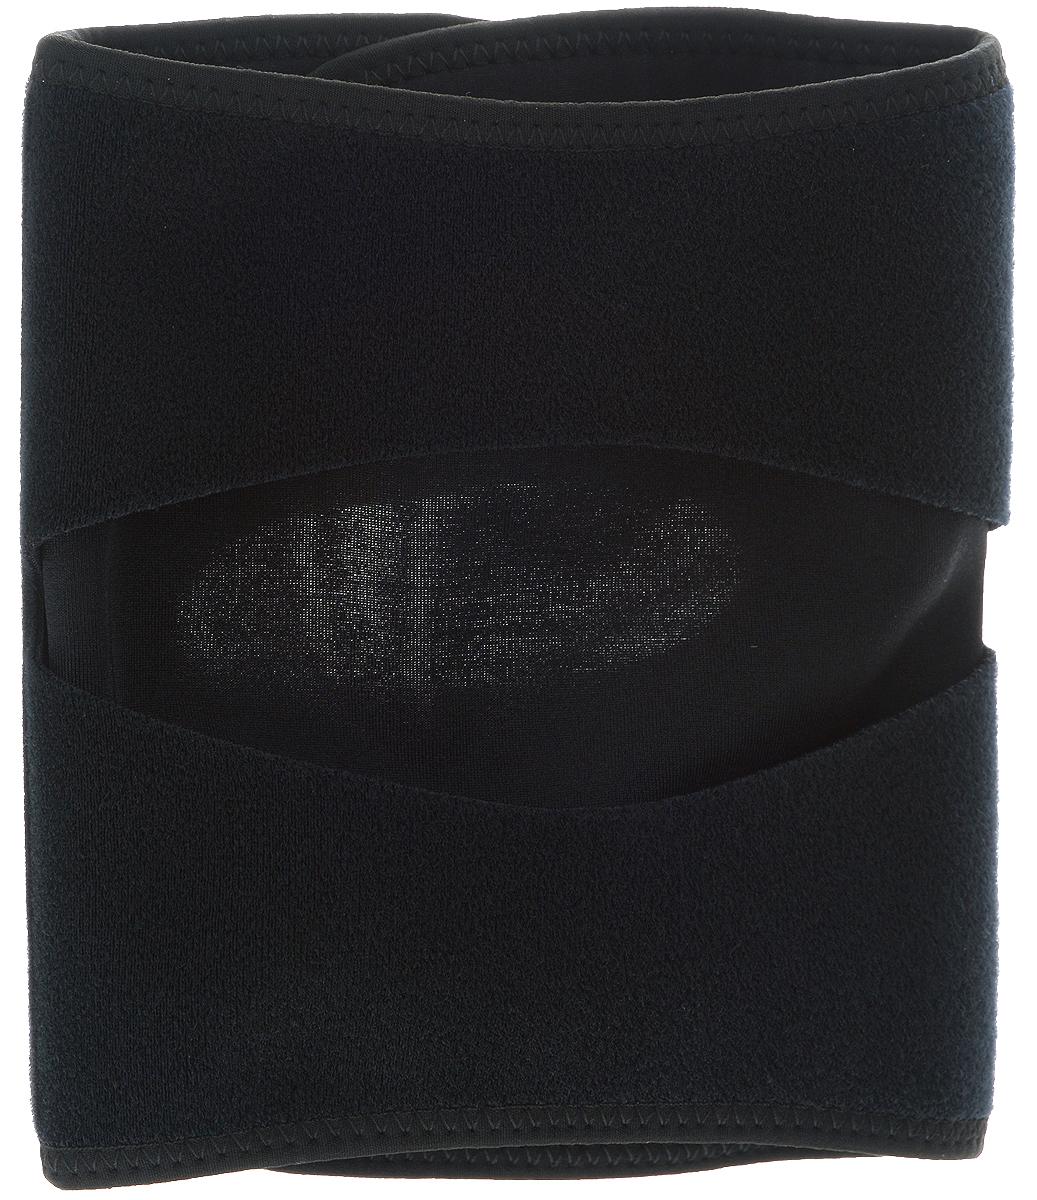 Суппорт колена Phiten Middle Type. Размер М (38-47 см)AP165004Суппорт колена Phiten Middle Type прекрасно фиксирует колено и держит чашечку. Он также снимает связанную с мышечными спазмами боль и перетренированность мышц. Сдавливание при длительном ношении с лихвой компенсируется тонусом сосудов. Пропитка из акватитана и аквапалладия обеспечивает противоотечный эффект, способствует снятию боли и напряжения и скорейшему восстановлению. Показания к применению: все виды воспаления коленного сустава, растяжение мышц и связок коленного сустава, бурситы, хронические дегенеративные заболевания суставов, артроз коленного сустава, артрит и остеоартрит, пателлофеморальный болевой синдром. Суппорт обеспечивает мягкую фиксацию сустава, активное воздействие на проприоцепторы, снятие суставного, связочного и мышечного напряжения, облегчение болевых ощущений. Действие уникальных материалов по улучшению кровообращения в тканях помогает избежать проблемы сдавливания, возникающей при частом ношении суппорта. Материал: наружная часть:...